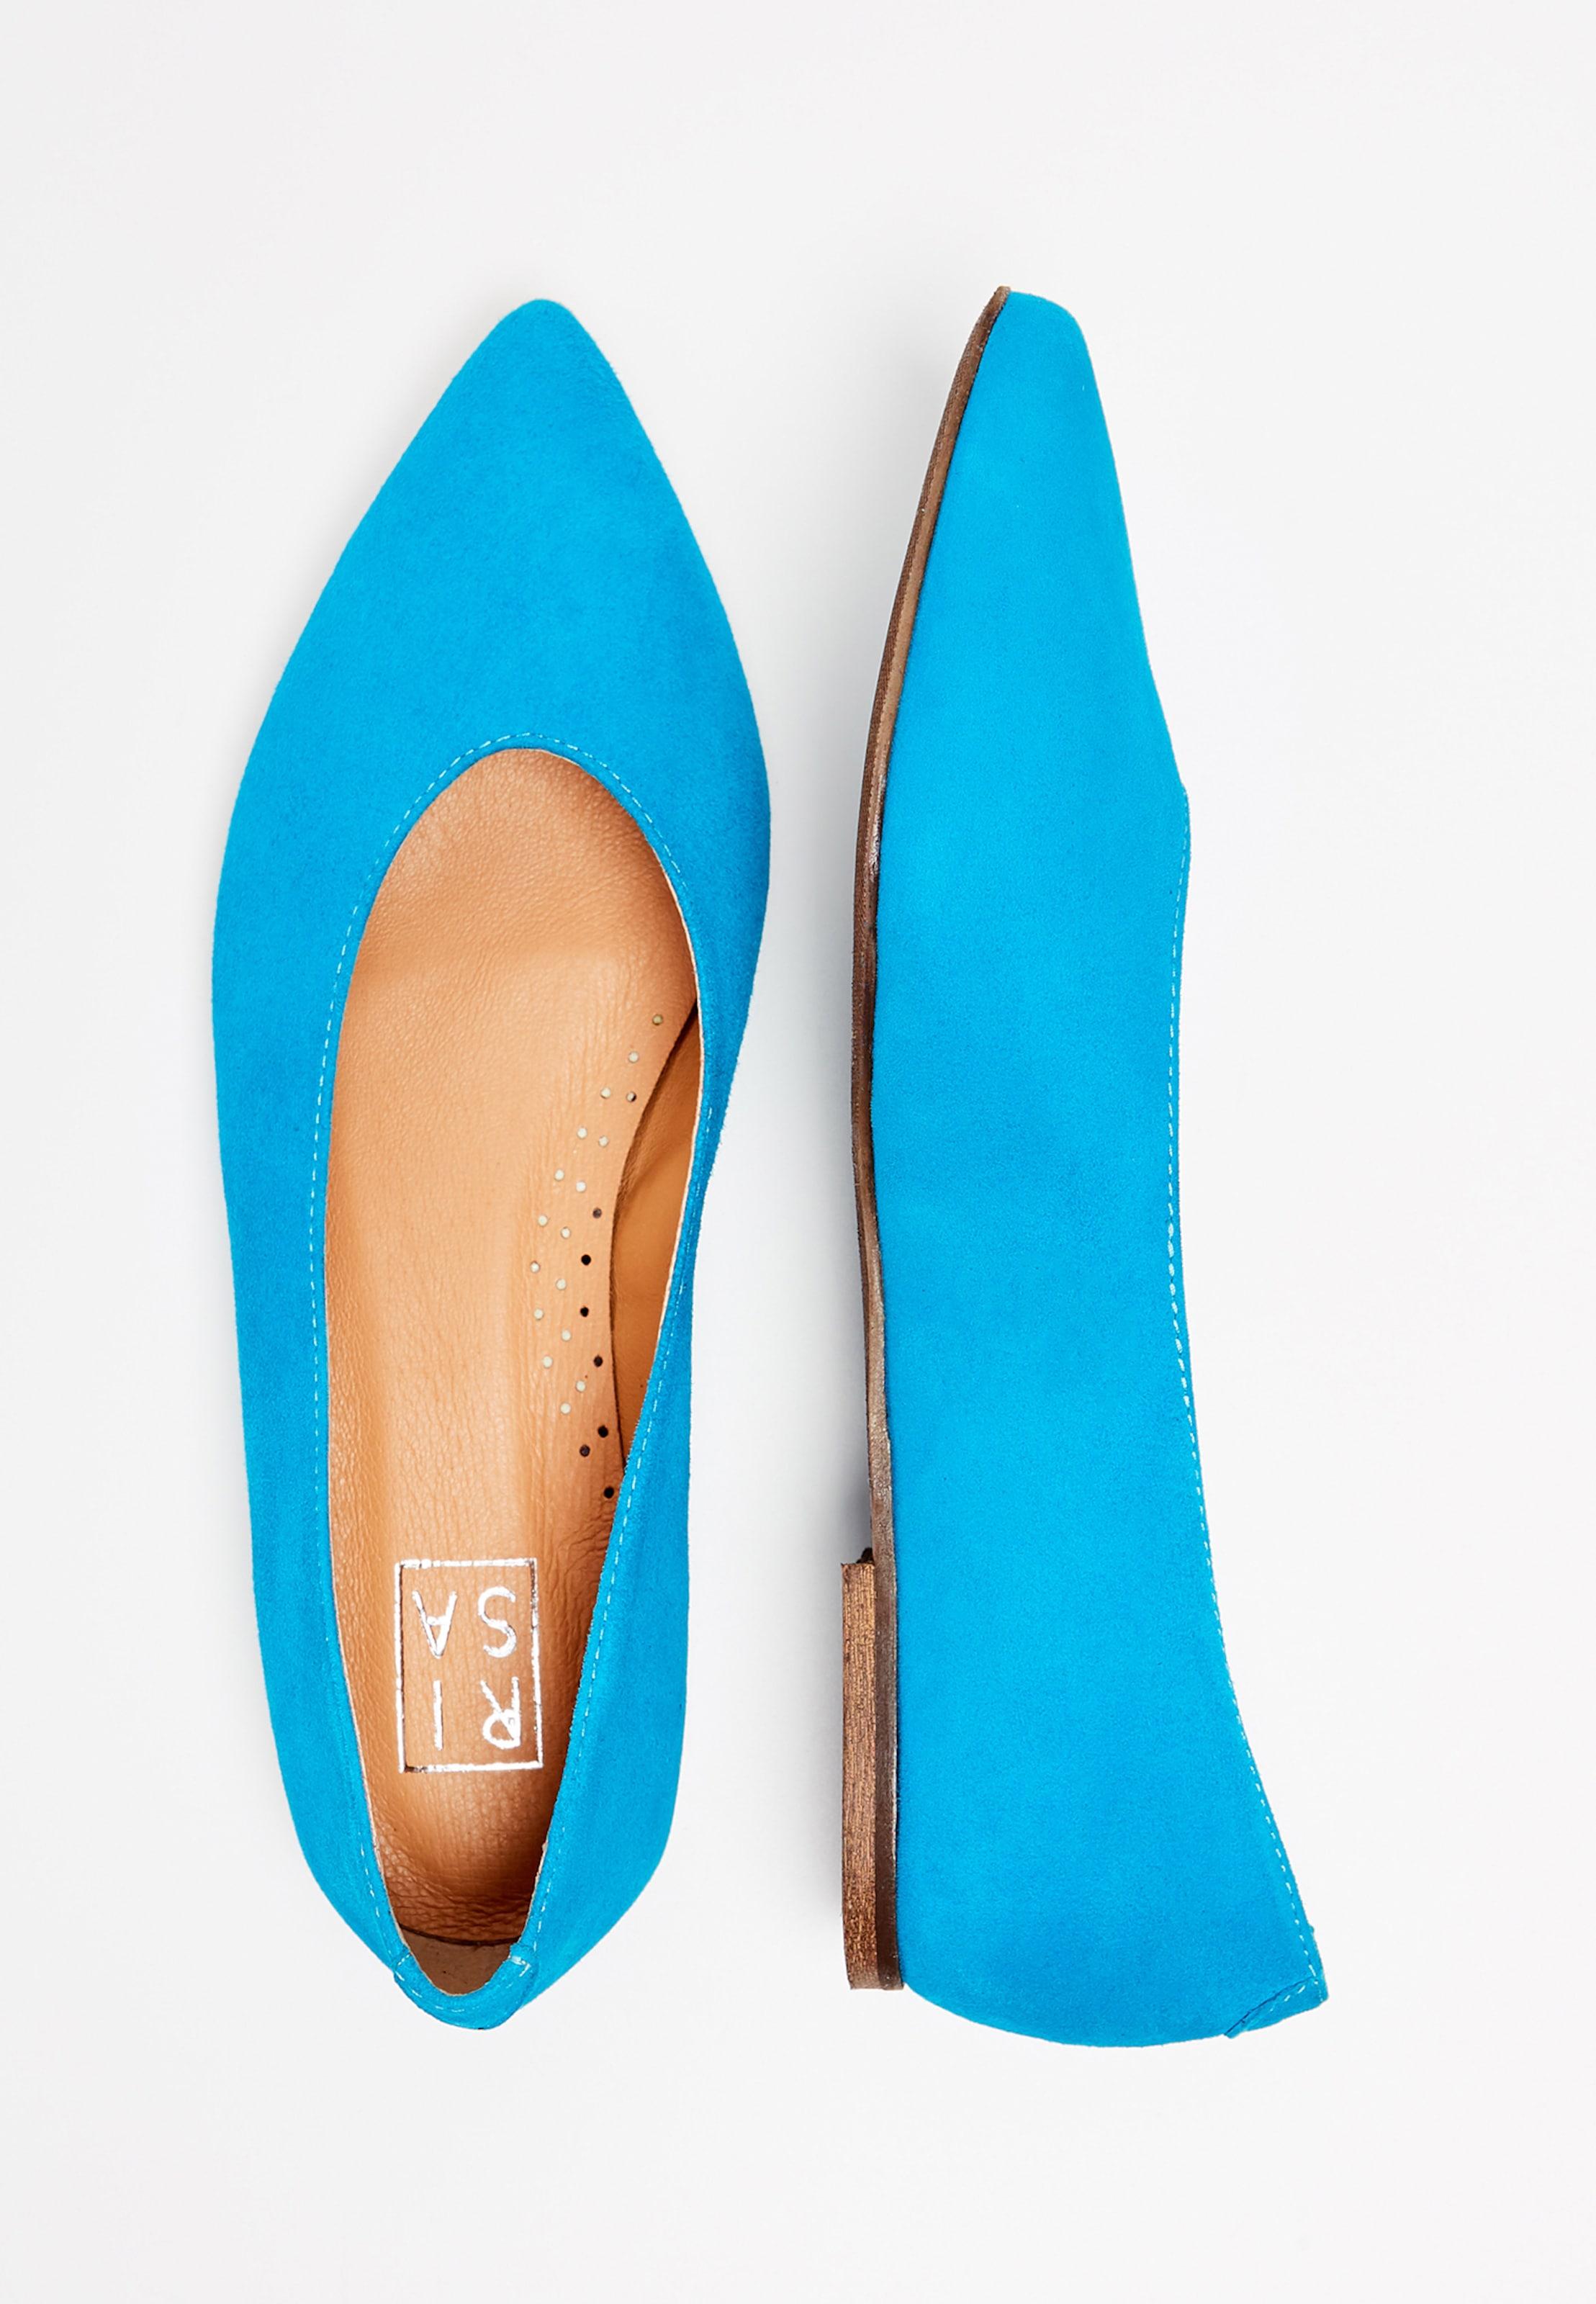 Risa Risa En Chaussons Chaussons En Bleu xBoWCdre